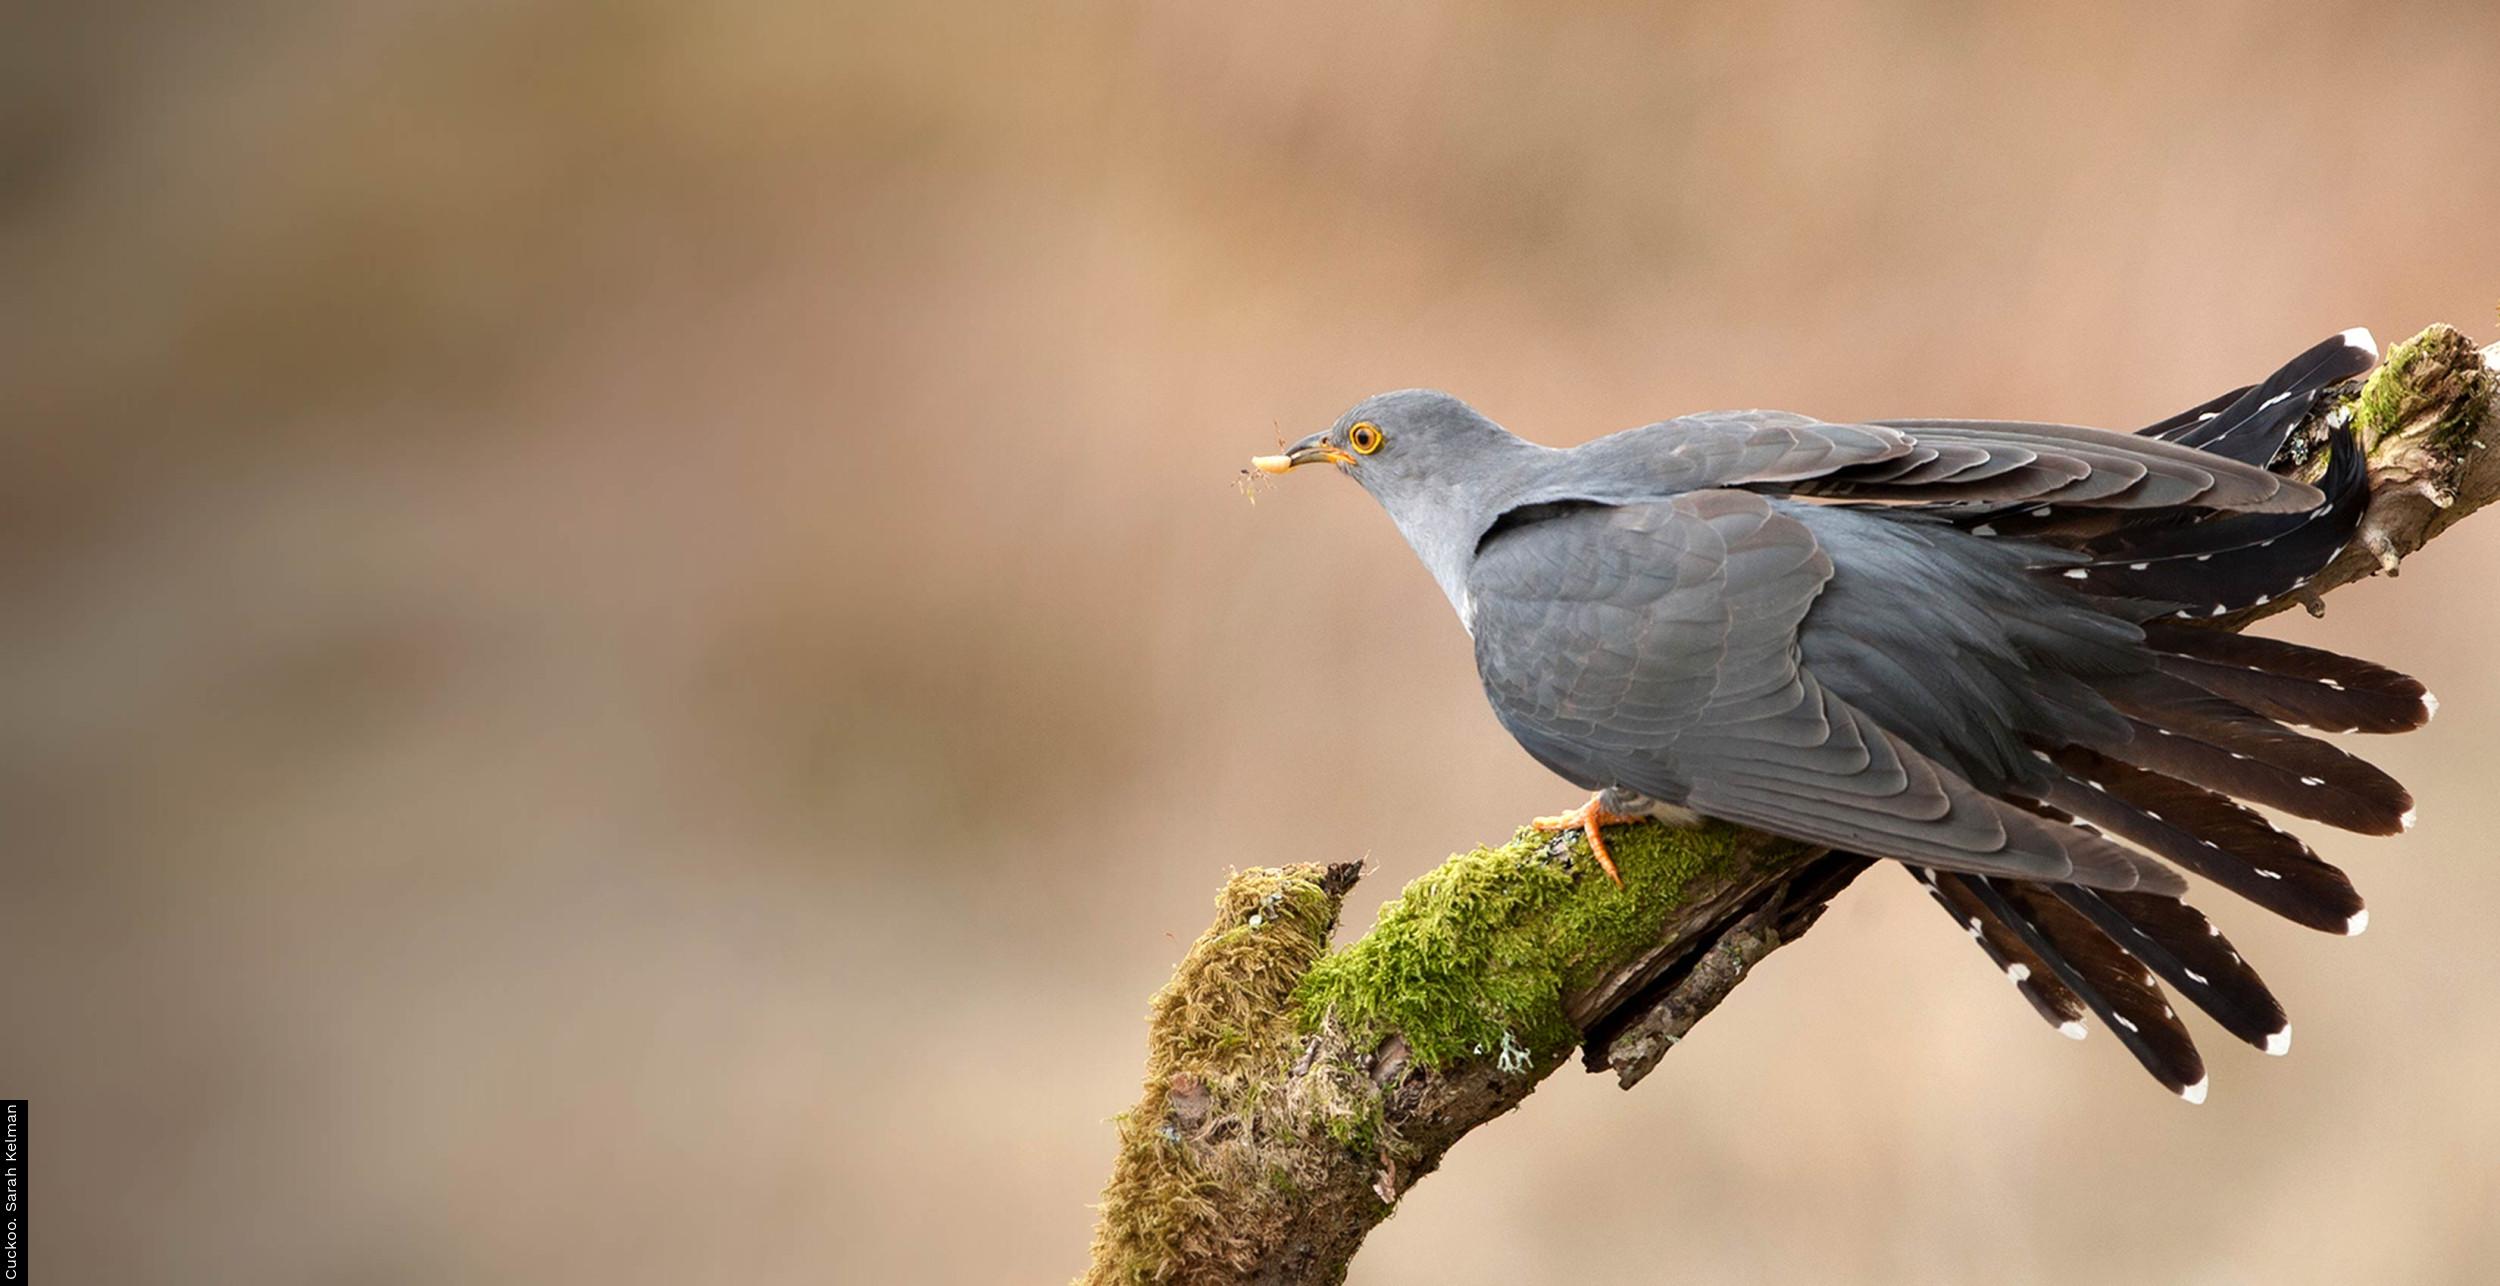 Cuckoo. Robin Lee